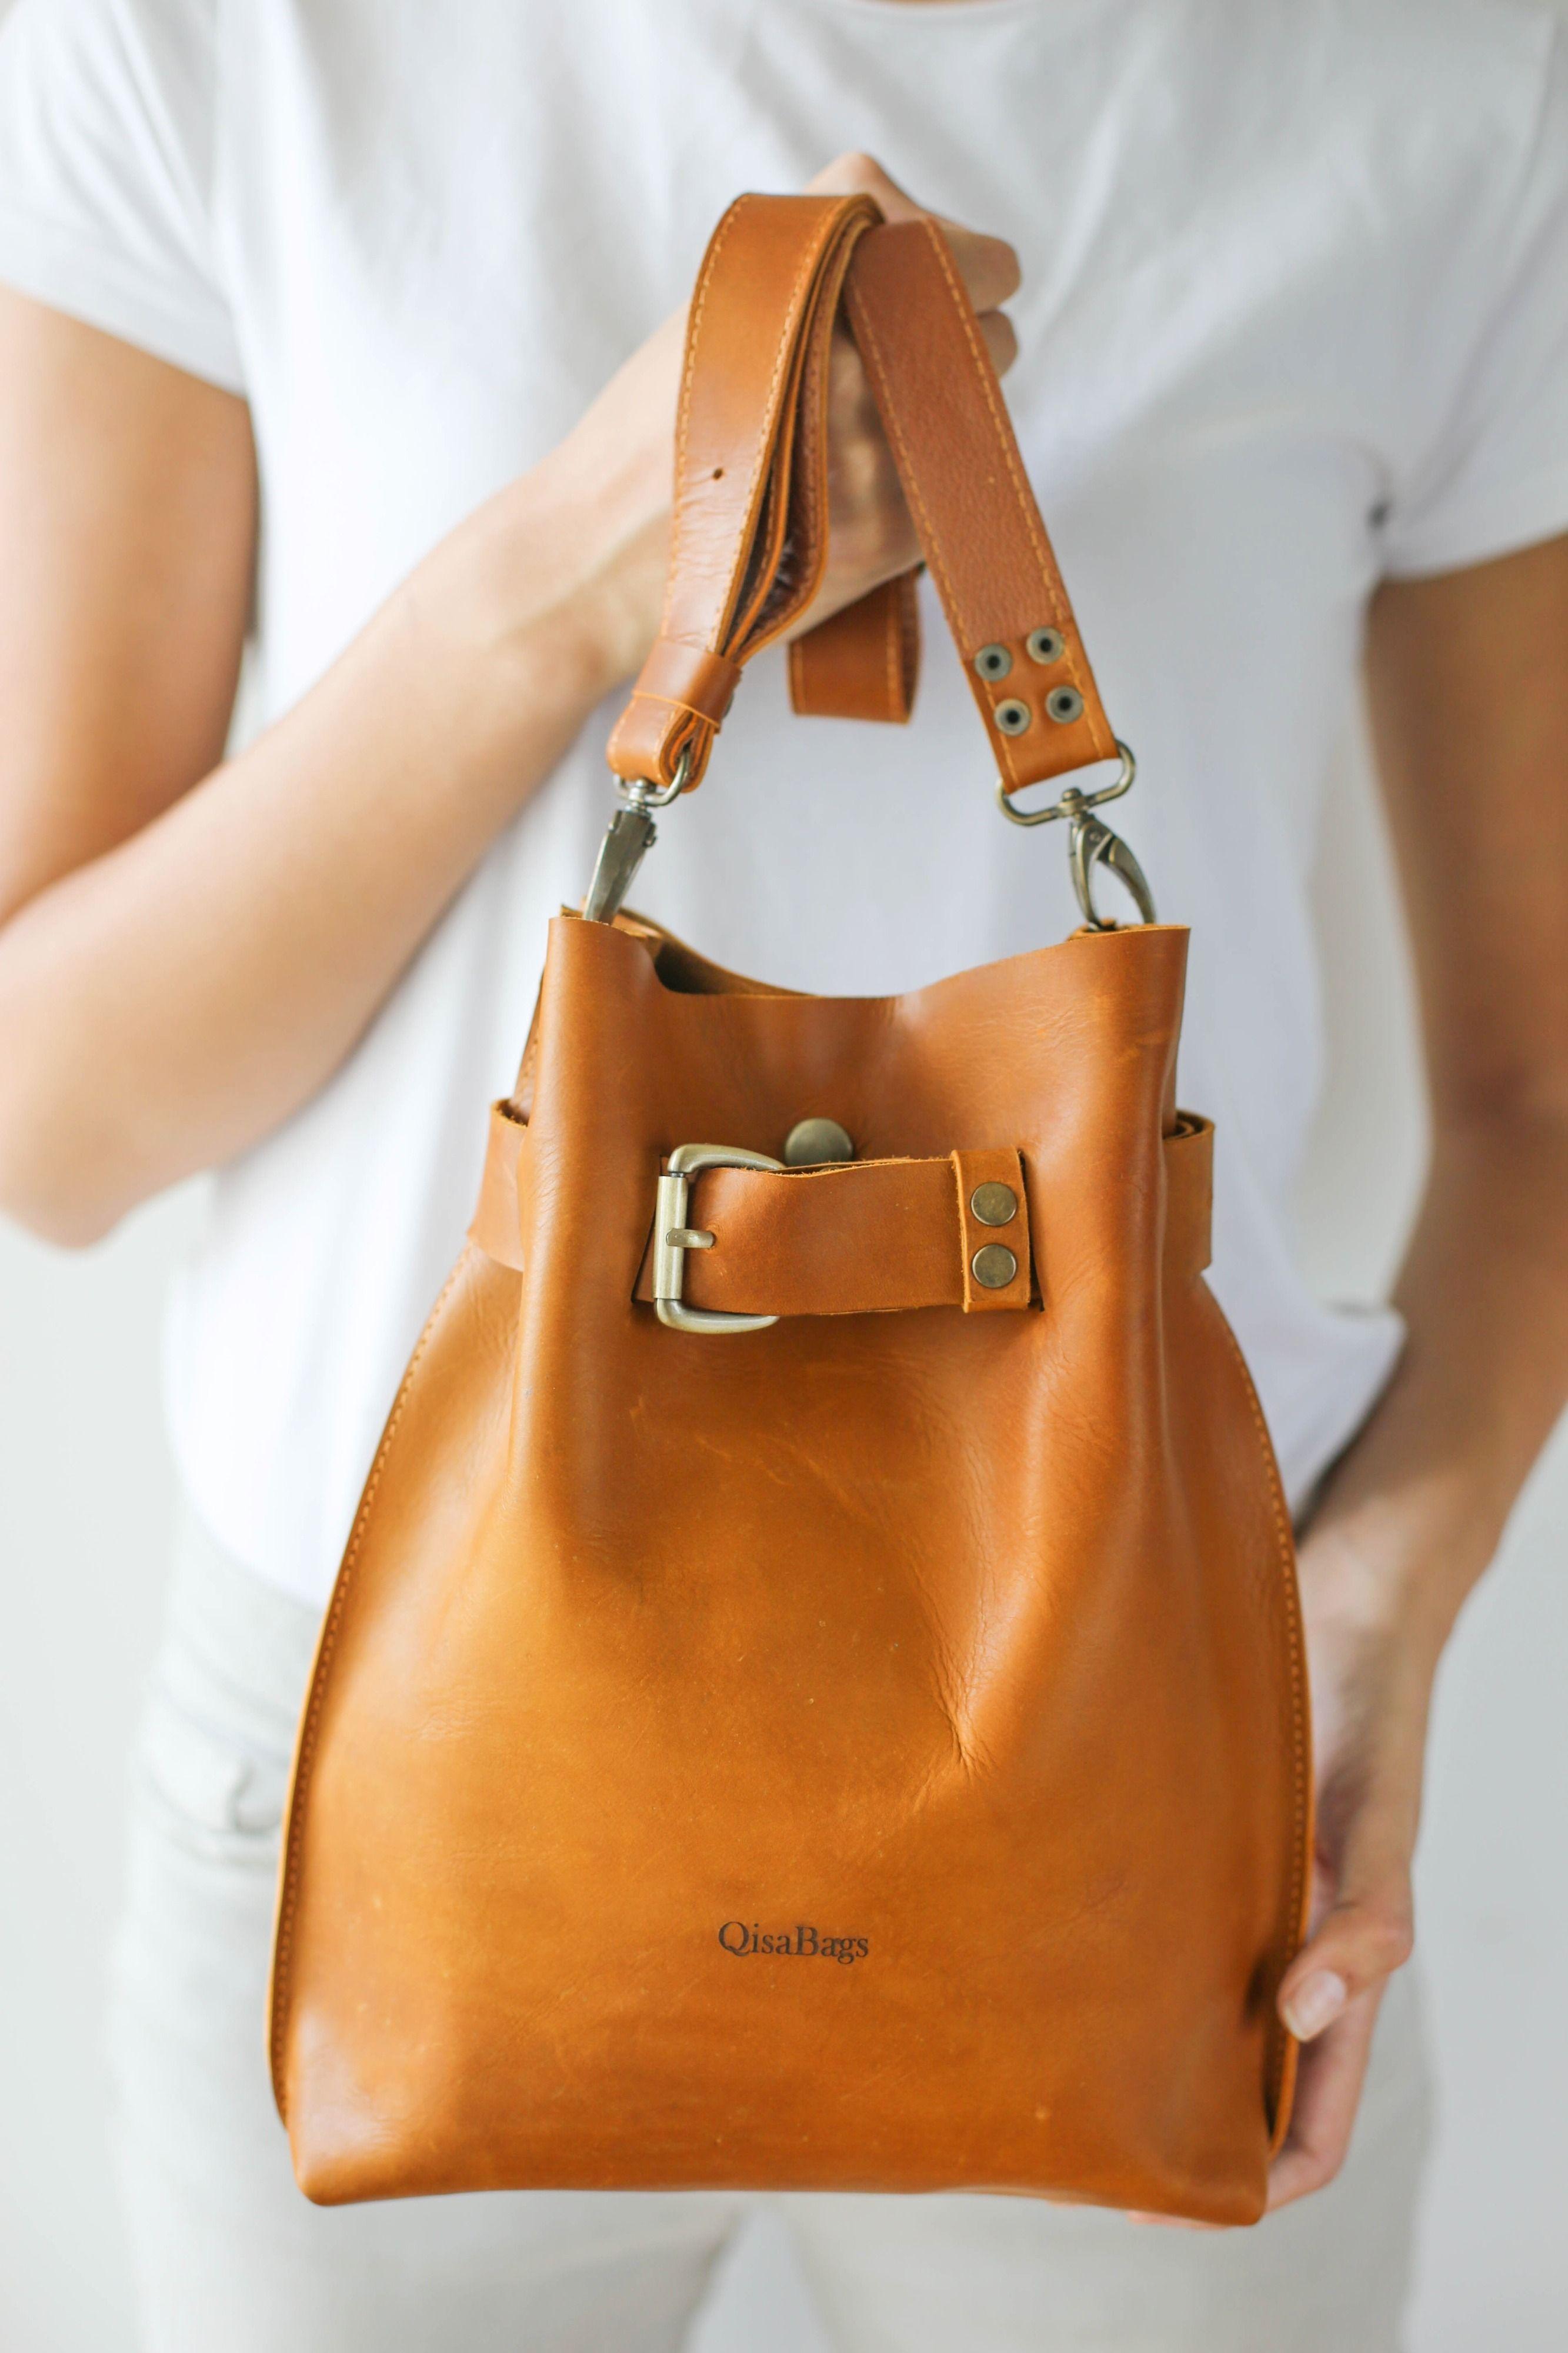 8a5b6aaea36c Women Backpack, Backpack Purse, Mini leather backpack, Small Backpack  Women, Small Leather Backpack Women, Brown Leather Bag, Brown handbag,  handmade bag, ...